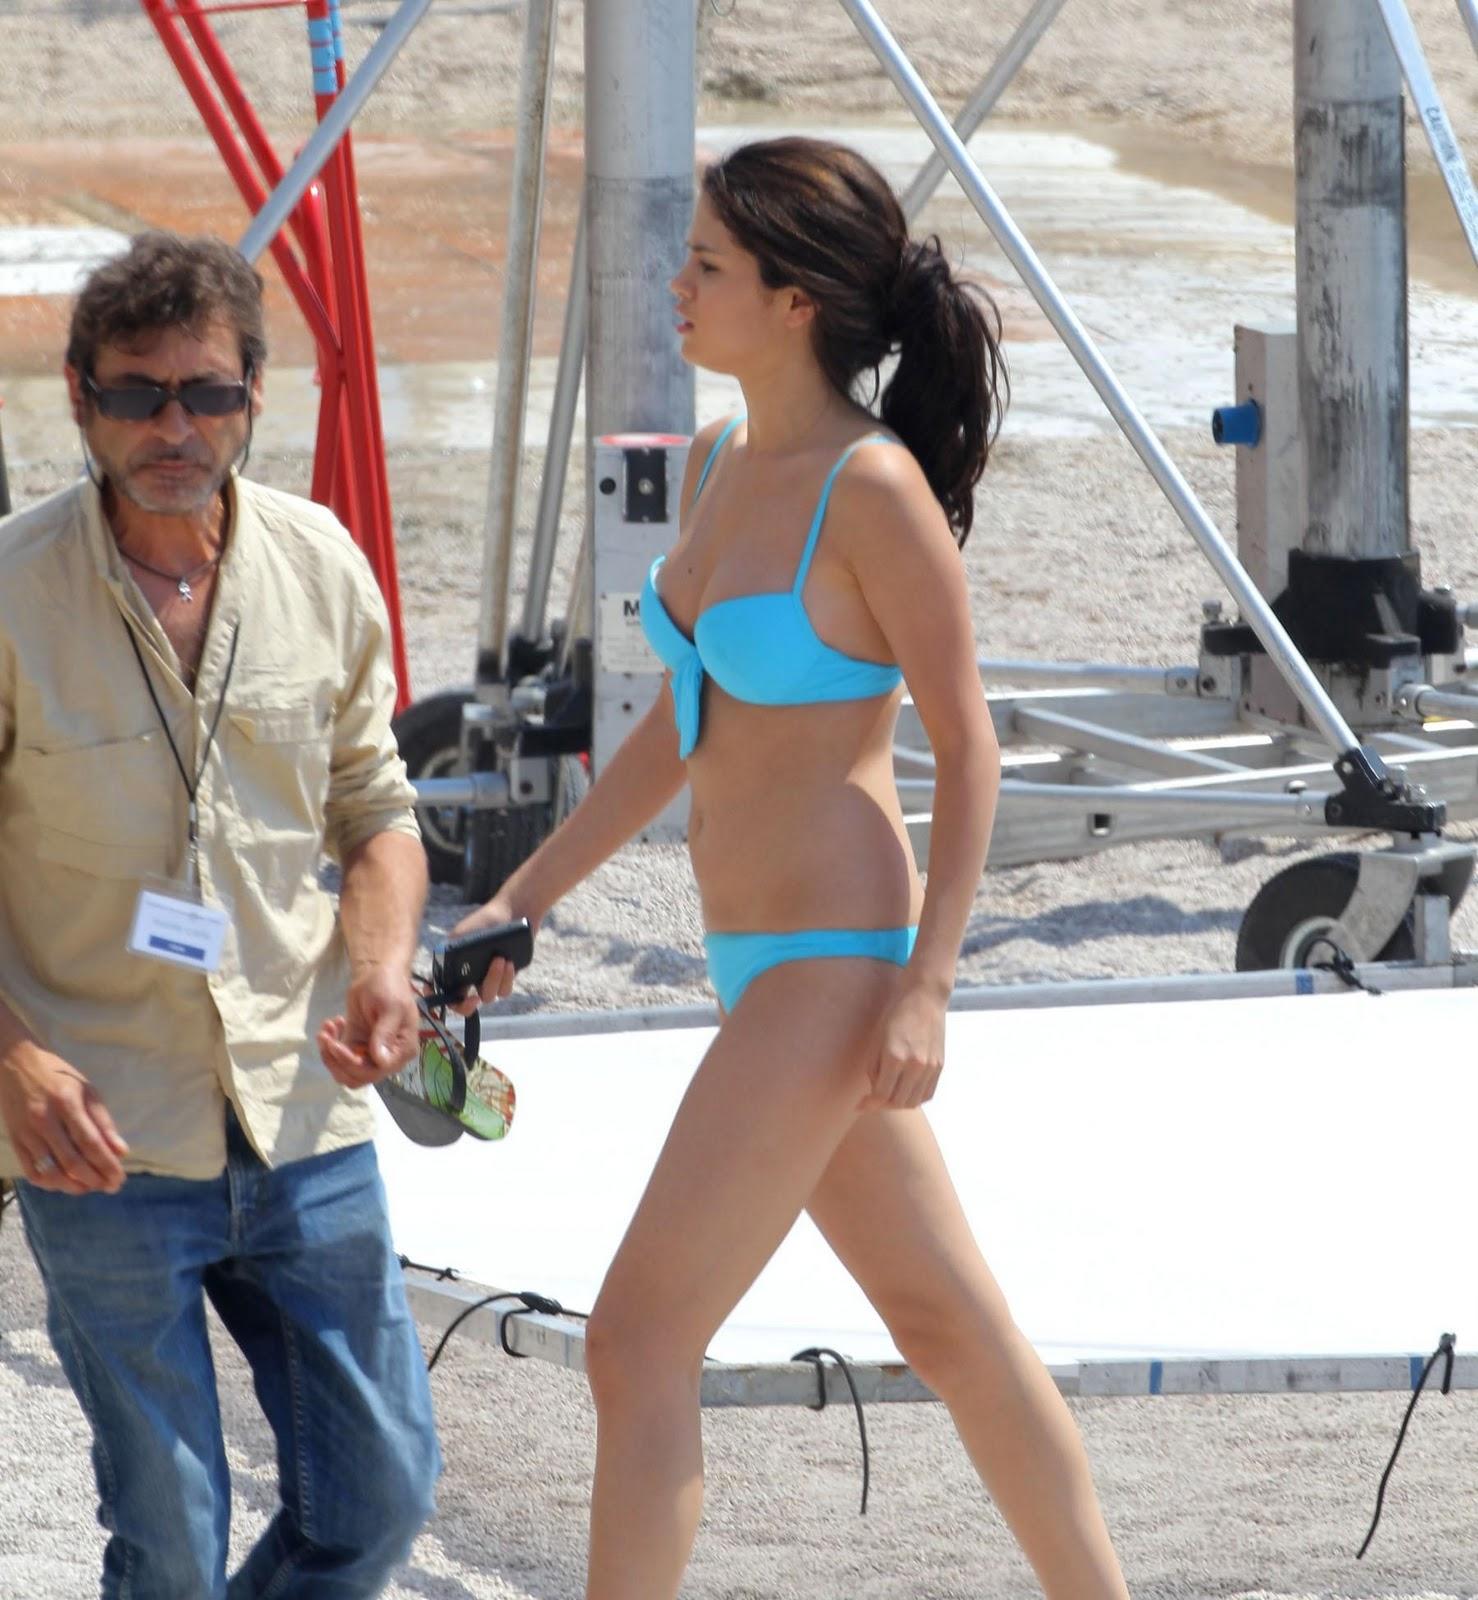 http://2.bp.blogspot.com/_pcNiz0KxNQQ/TCrSCP0alsI/AAAAAAAAGoM/RqVzsX1TBxs/s1600/04834_selena_gomez_bikini_monte_carlo_9_122_234lo.jpg